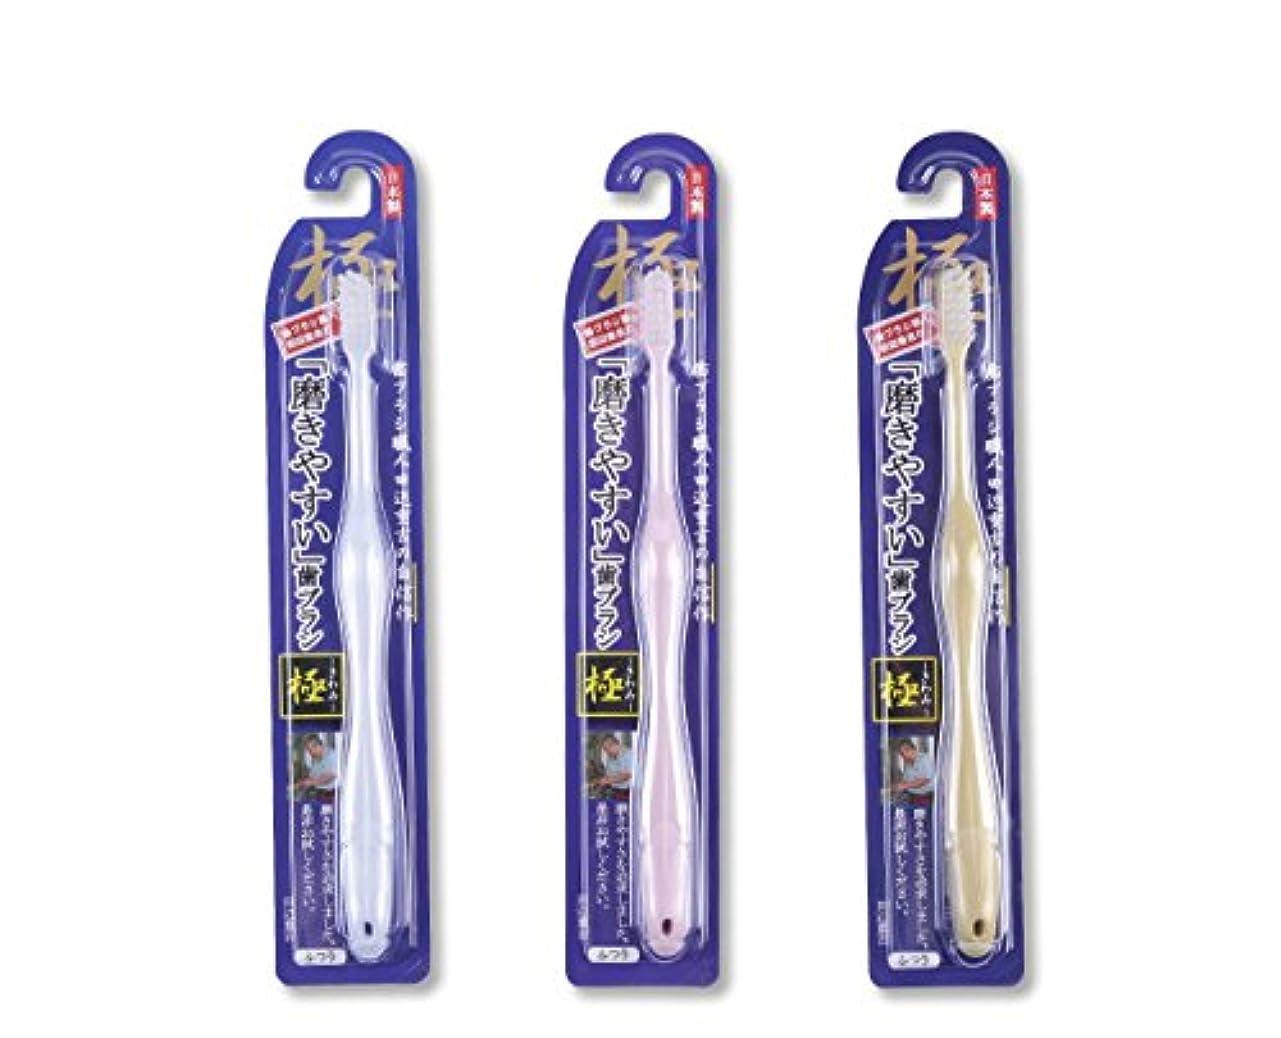 歯ブラシ職人Artooth ® 田辺重吉の磨きやすい歯ブラシ 極 LT-09 (3本入)